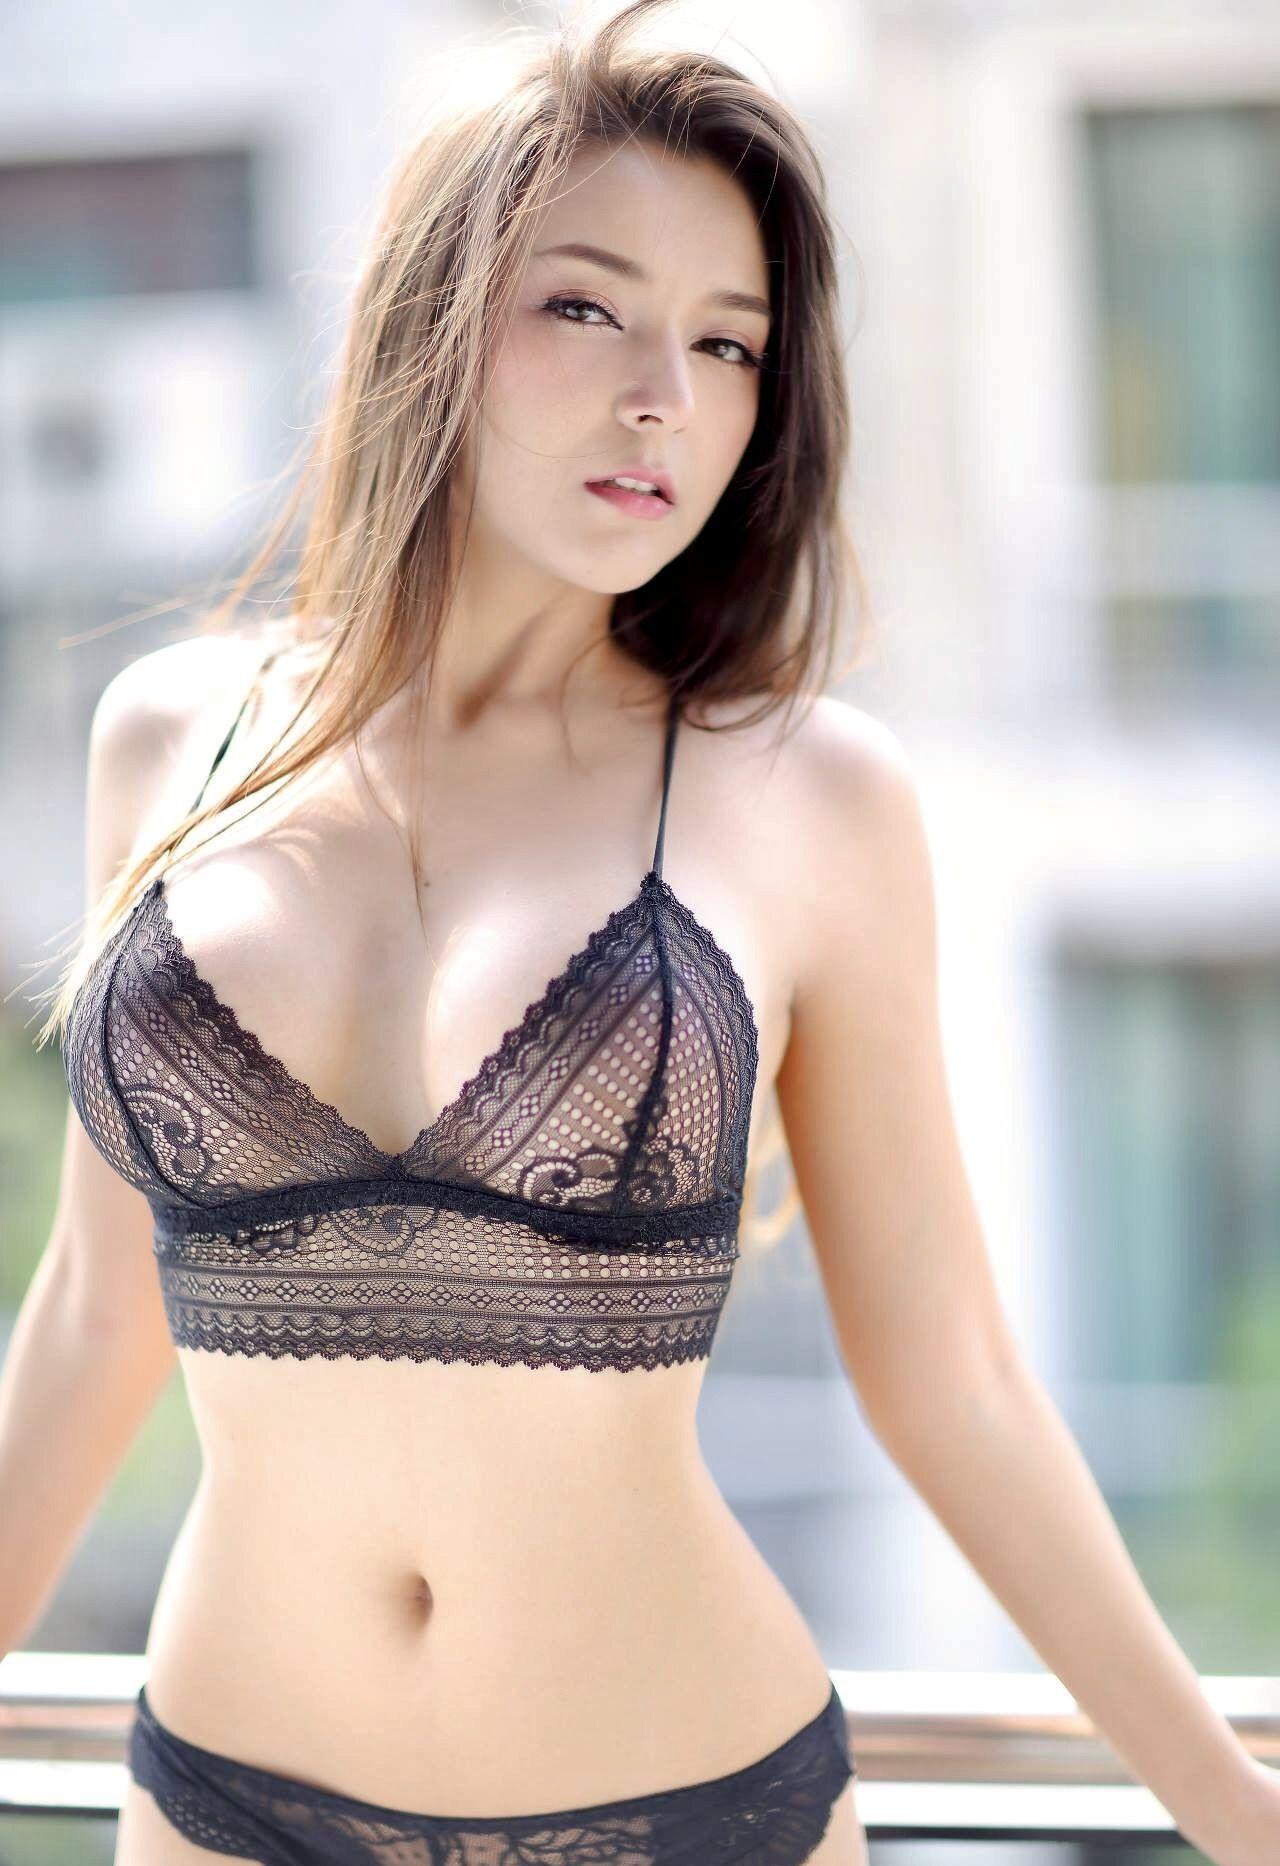 Indonesian hot girl eyeglasses - 4 1